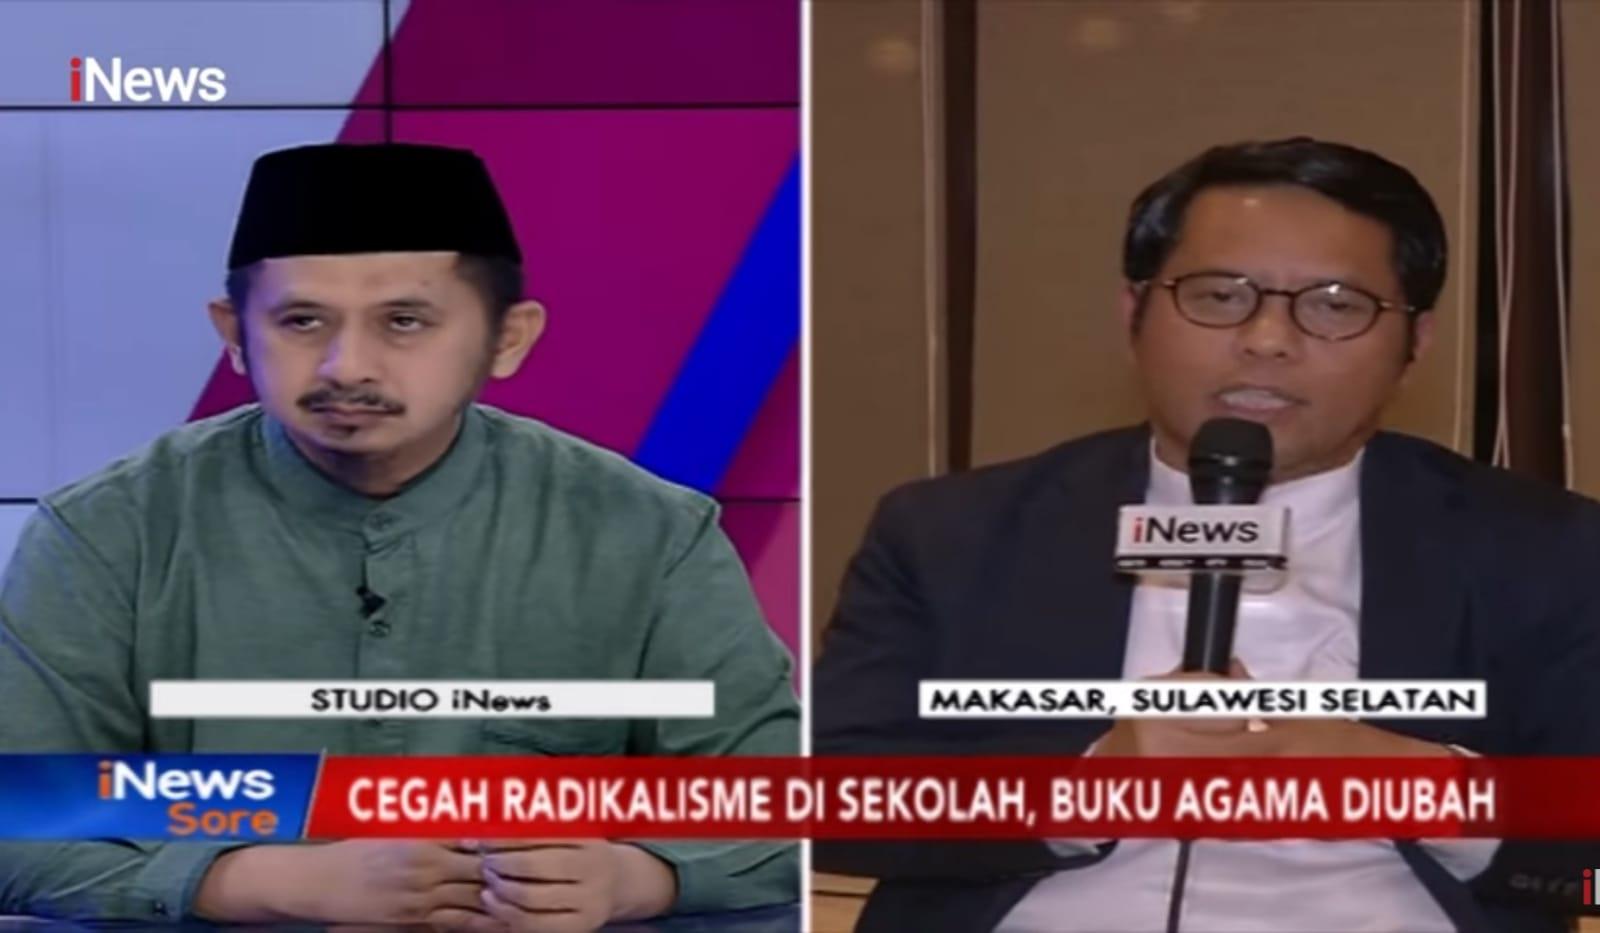 Foto Dialog siang iNews TV, Kemenag Akan Tulis Ulang 155 Buku Pelajaran Agama. Foto : Youtube Channel iNews